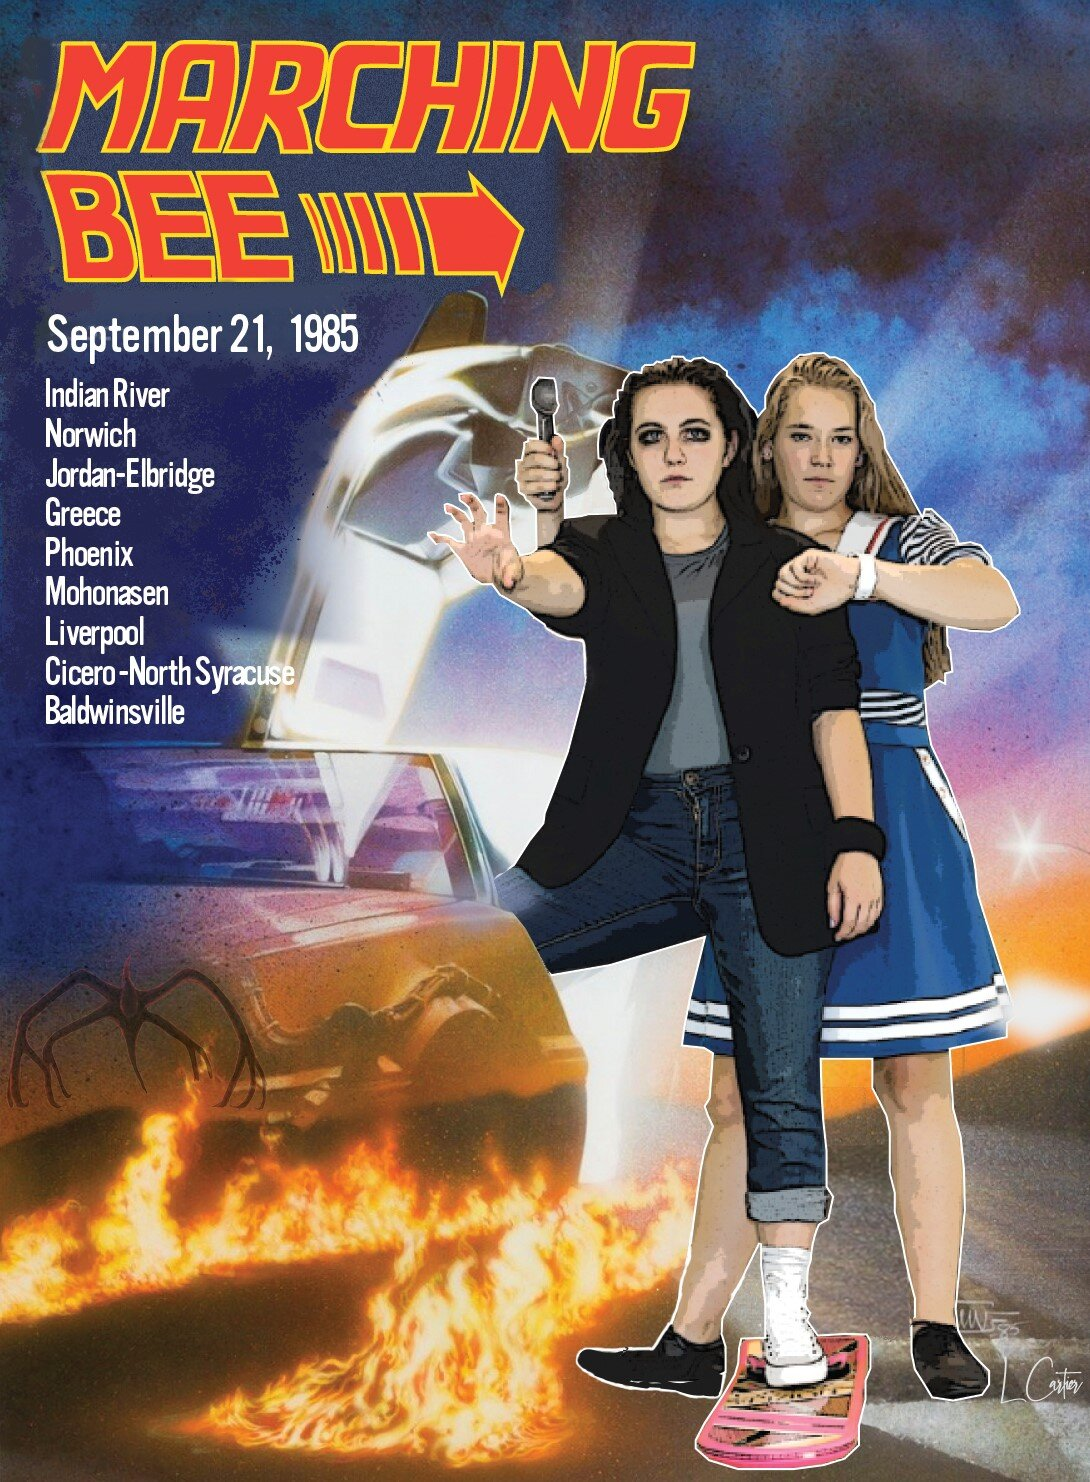 marching bee 6 (1).jpg